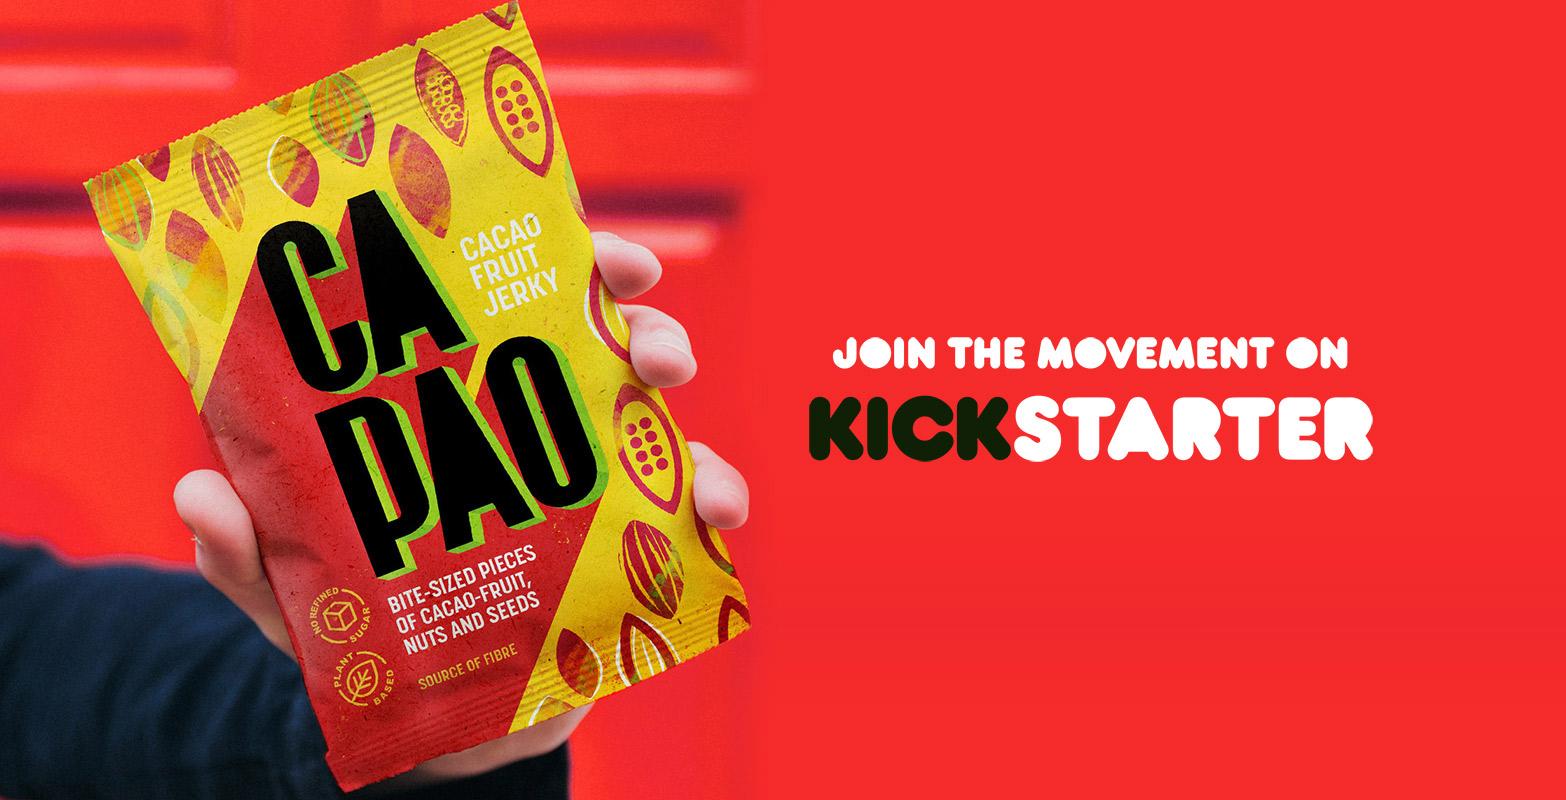 CaPao-Kickstarter-Blog-header.jpg